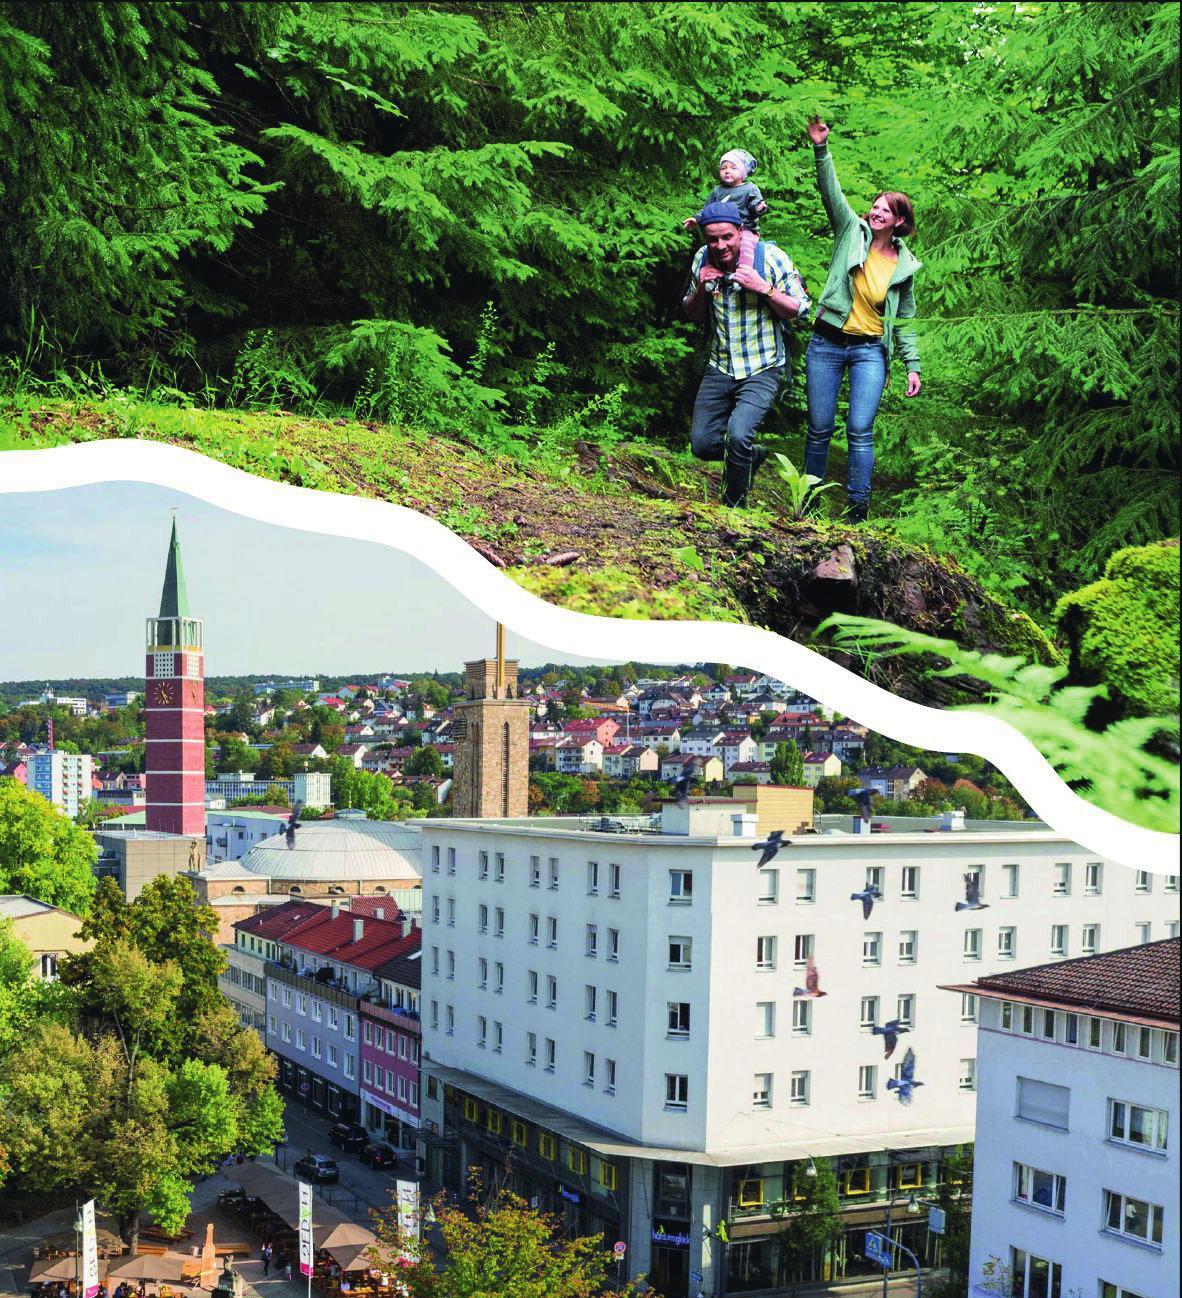 Rein in die Stadt oder raus in die Natur – in Pforzheim und dem Enzkreis ist dank kurzer Wege beides problemlos möglich.